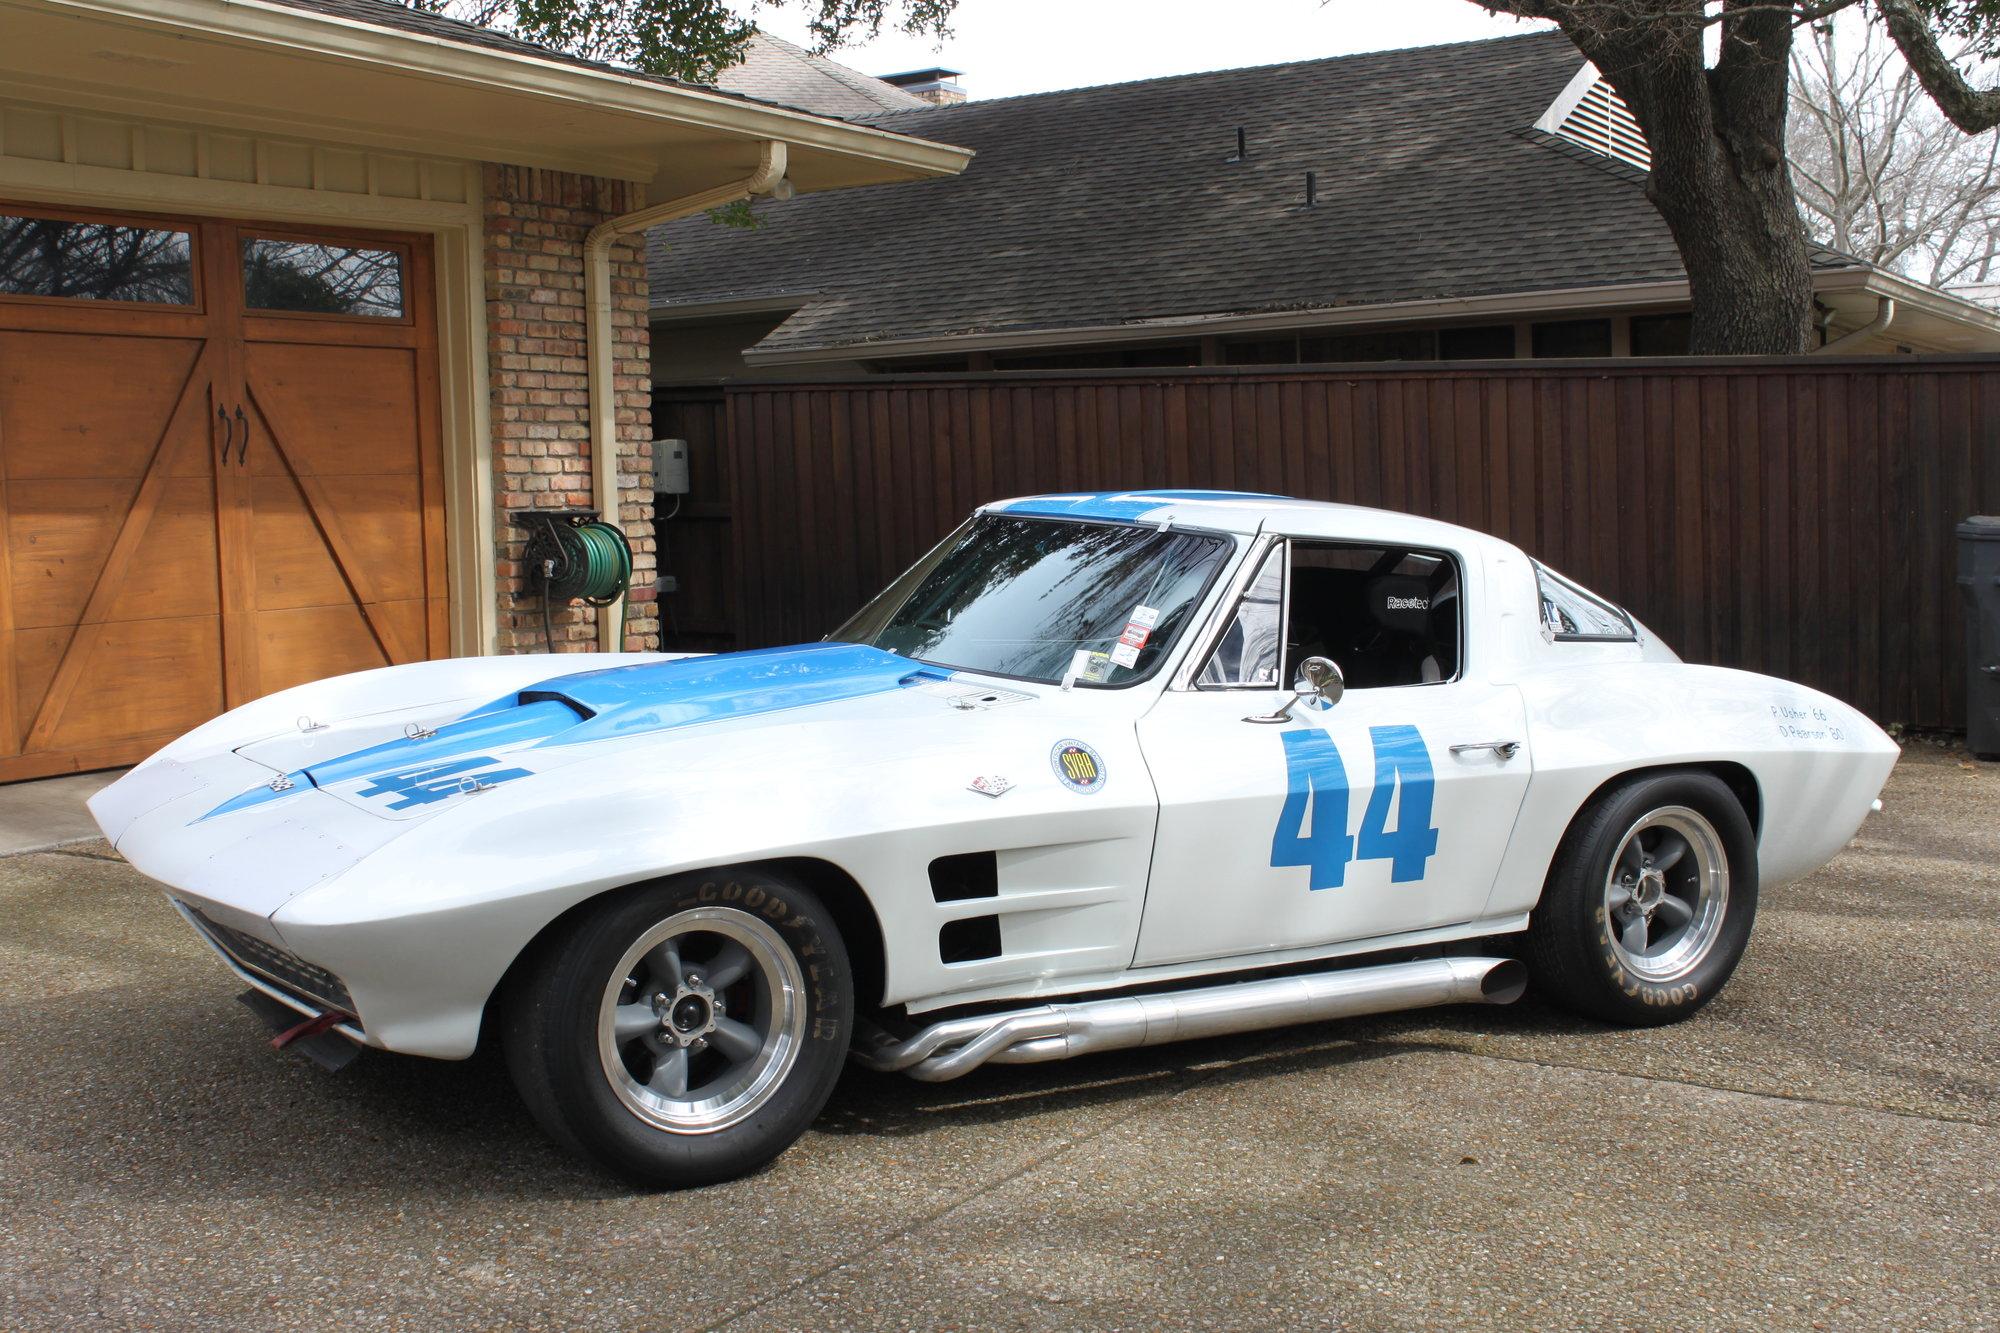 FS (For Sale) 63 SWC Vintage Race Car - CorvetteForum